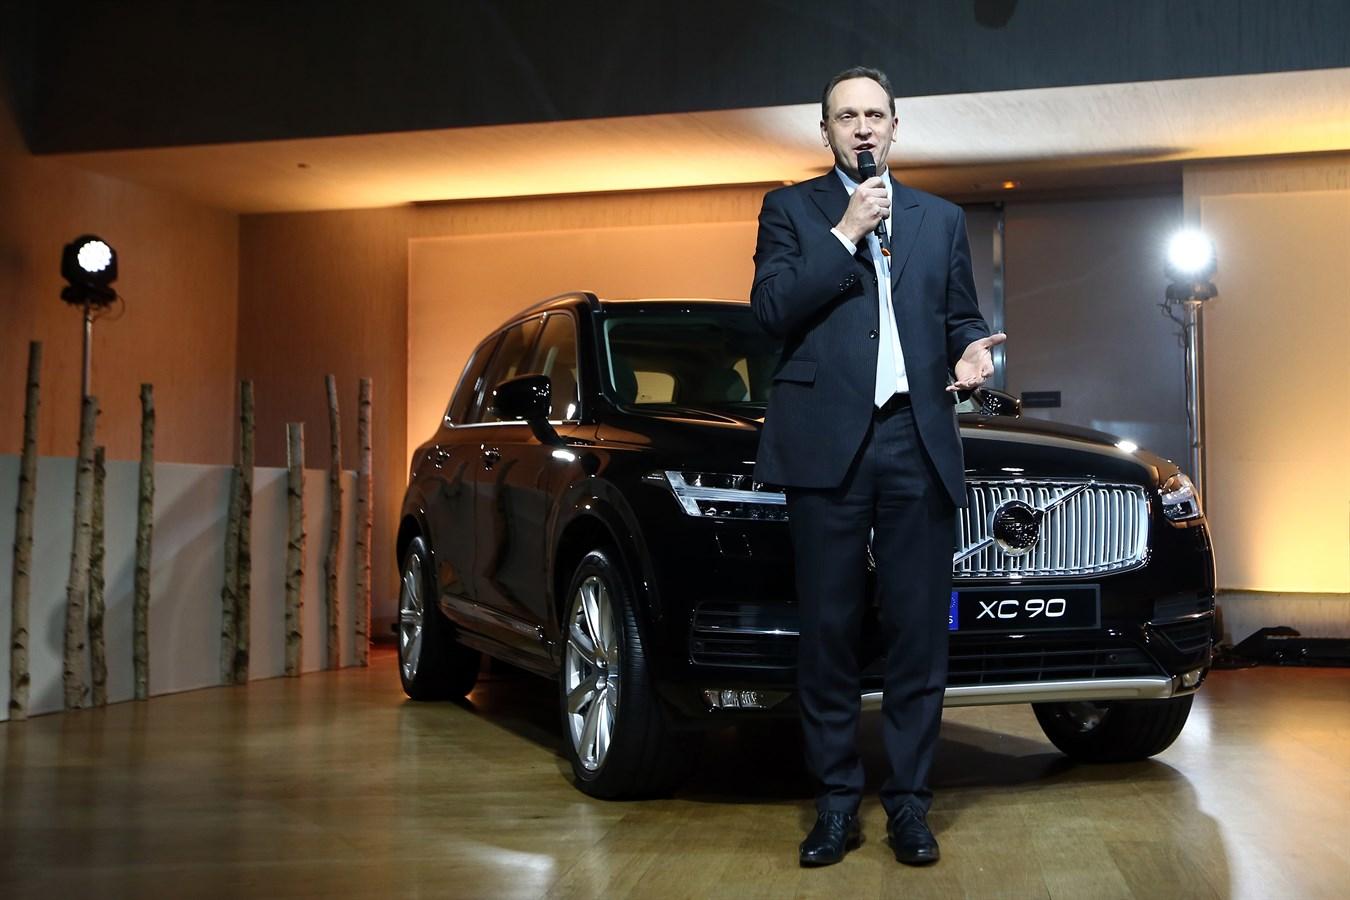 Le Volvo XC90 dévoilé par Yves Pasquier-Desvignes, Président de Volvo Car France, lors de la soirée